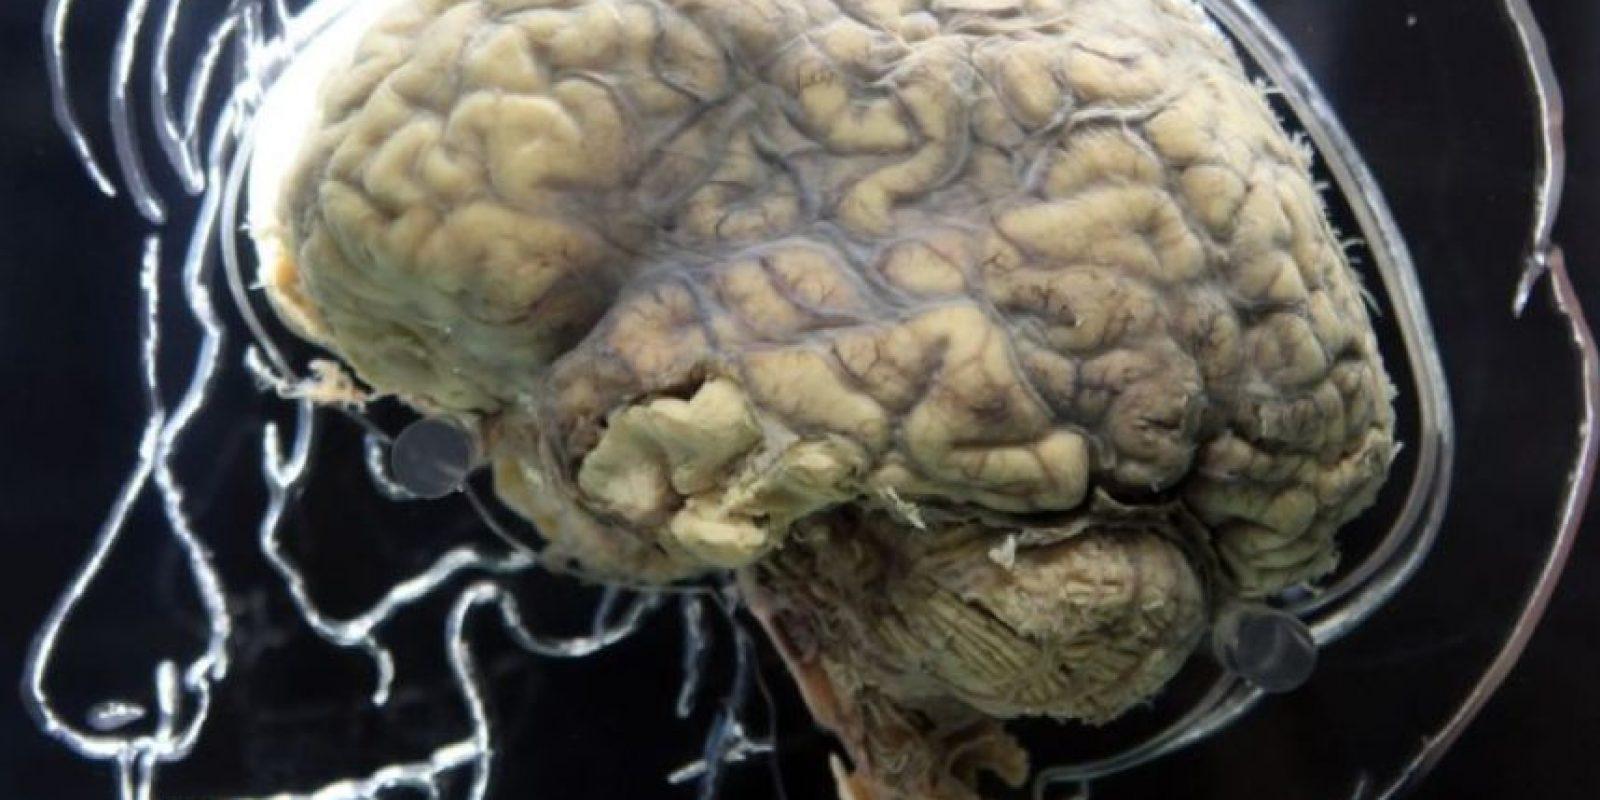 Cuando el problema de memoria llegue a afectar nuestras actividades diarias, es necesario acudir con un especialista. Foto:Getty Images